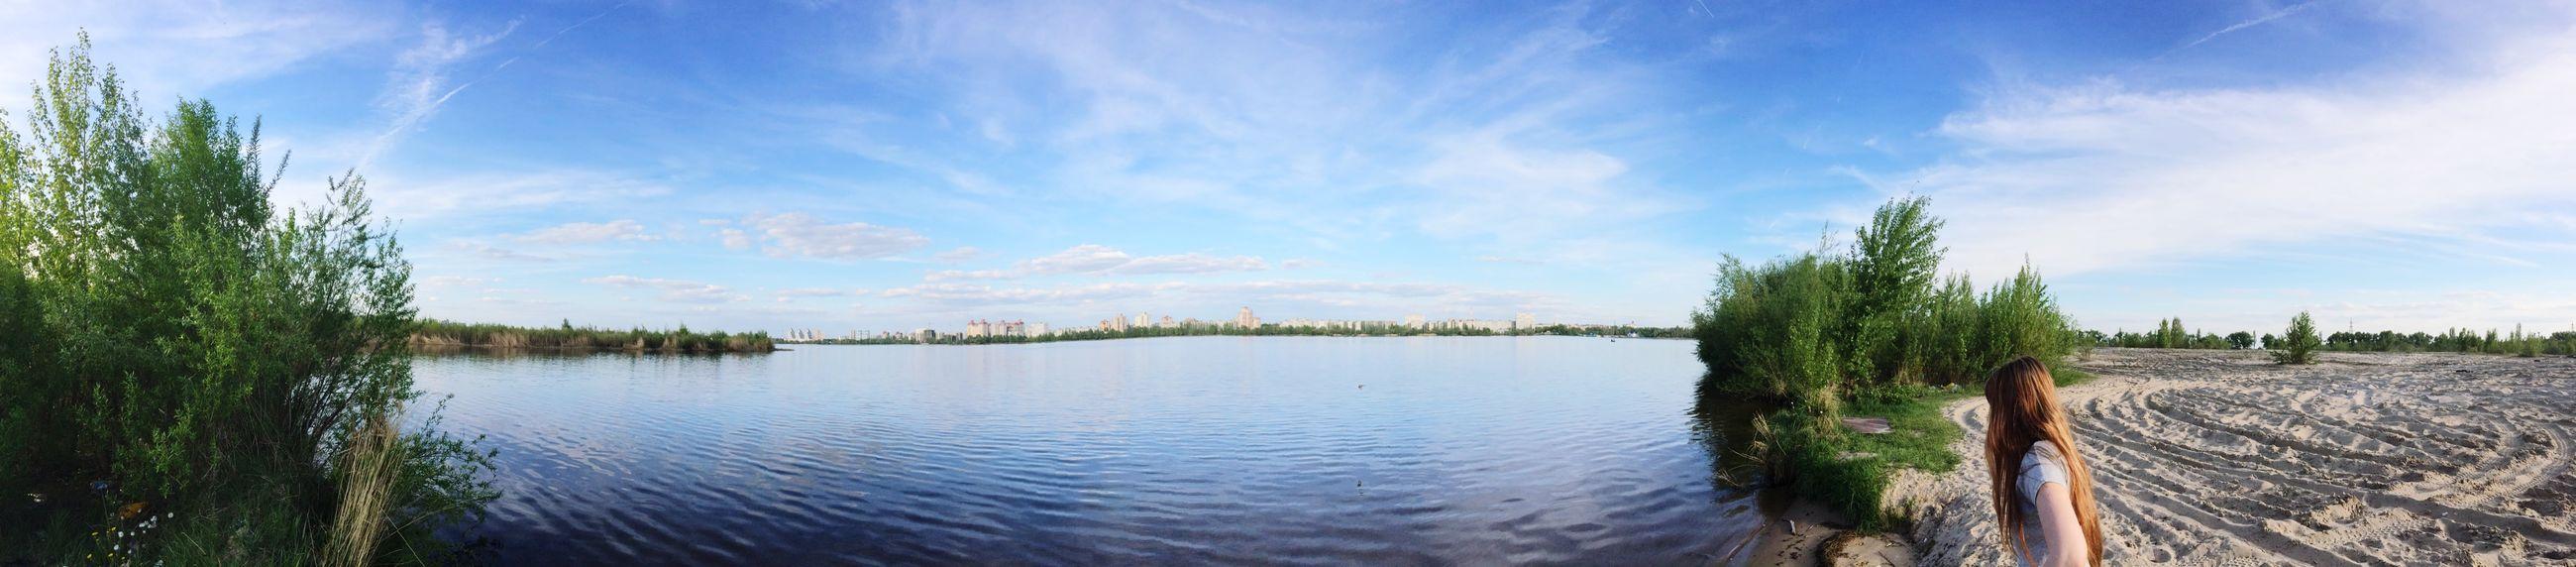 Panorama Vrn View Nature